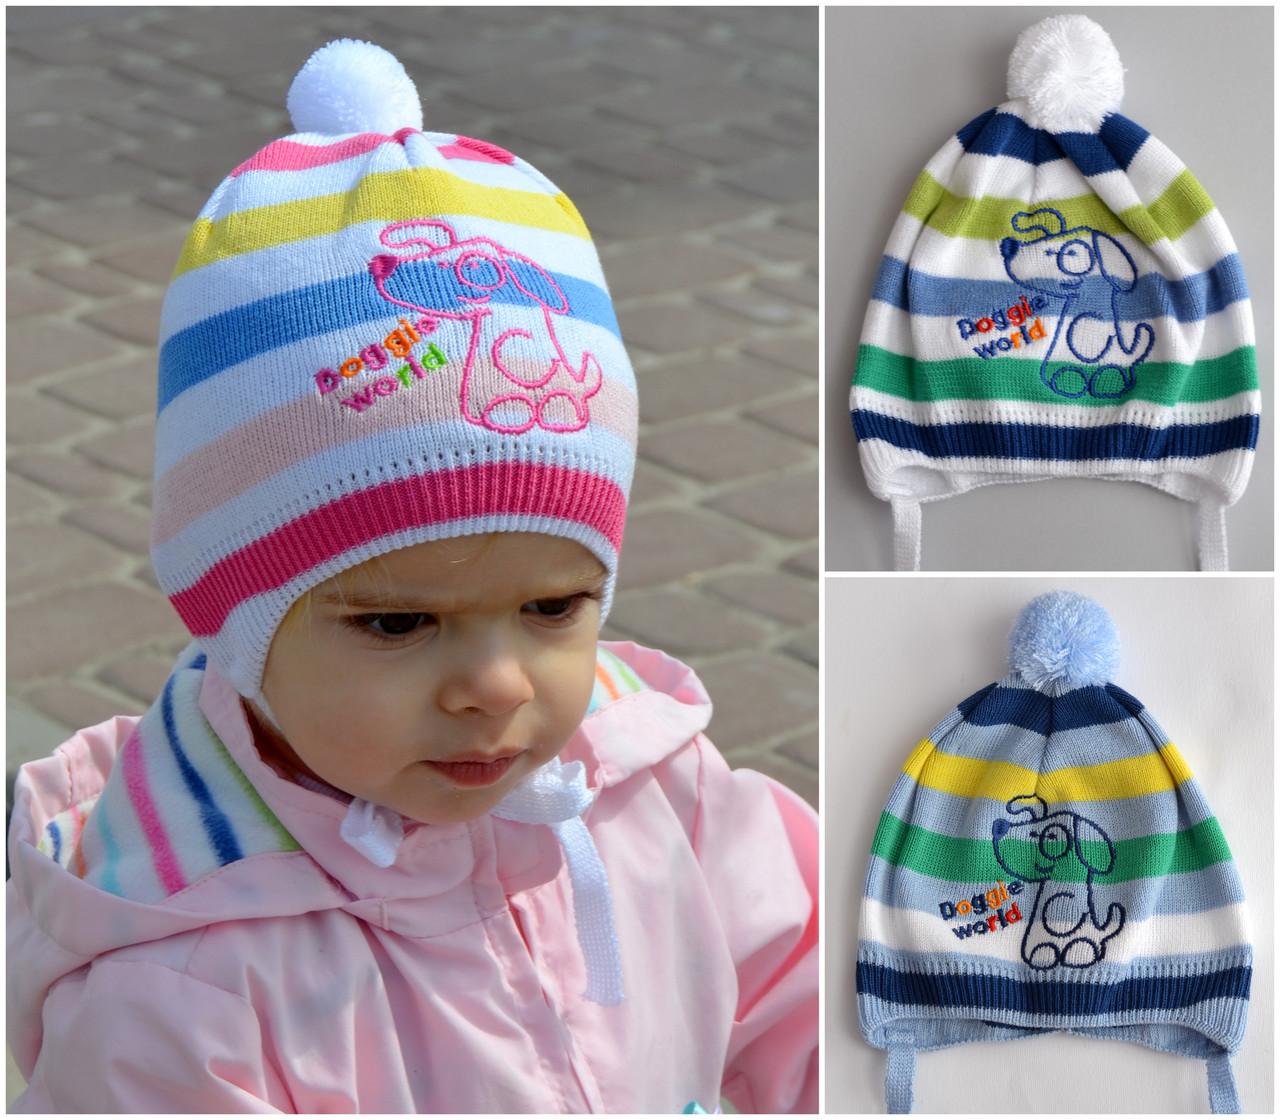 Дог, детская шапка. Хлопок 1 слой. р.44-46 Бел+роз+желтый